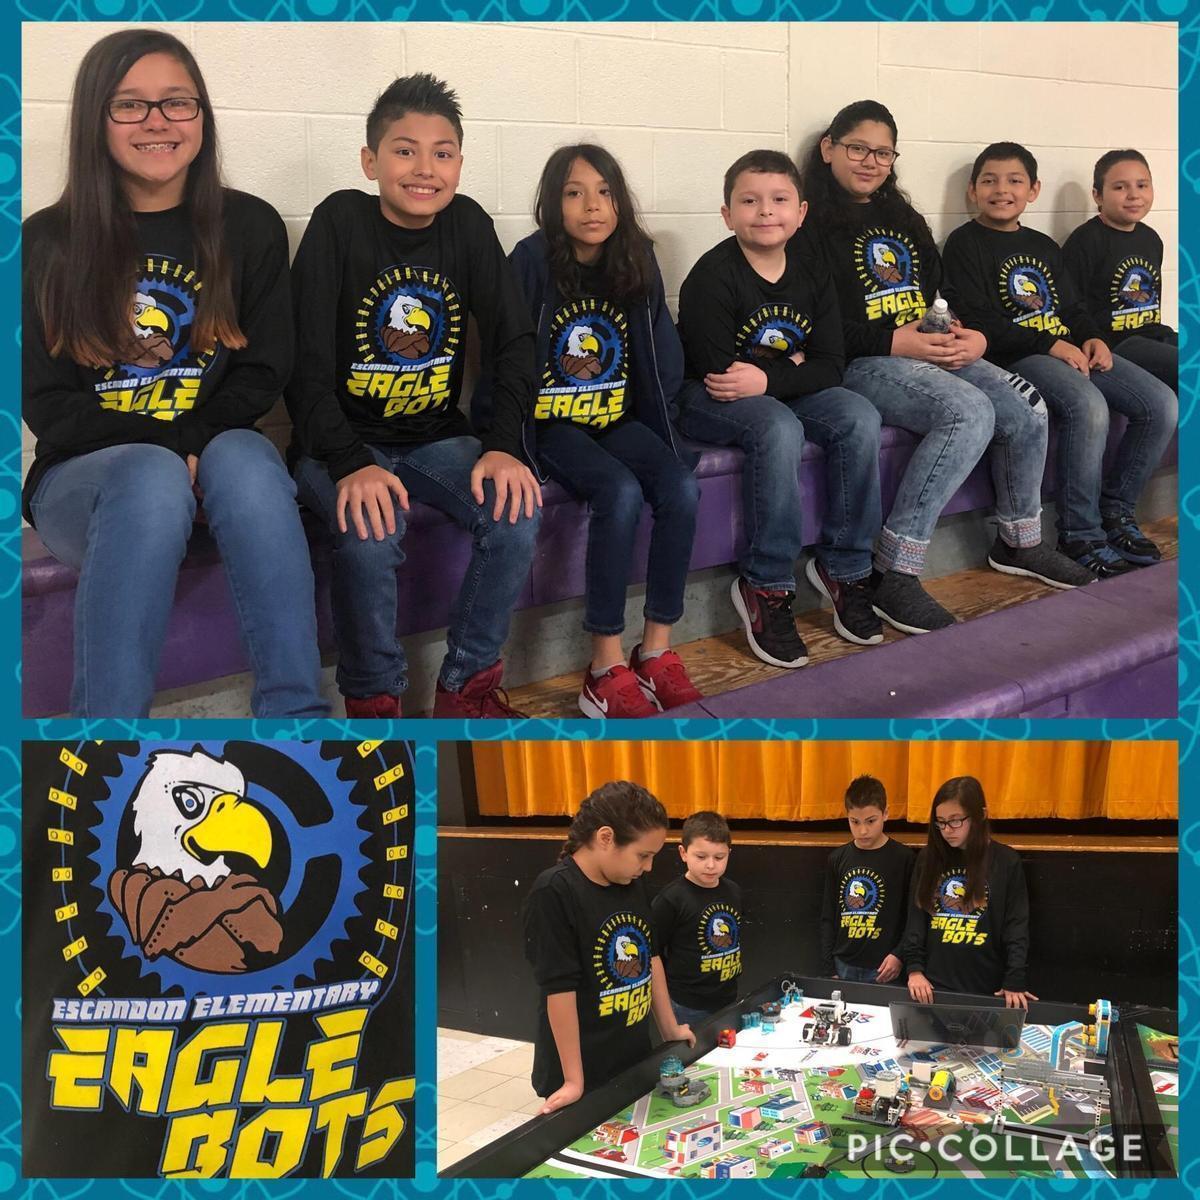 Eaglebots Robotics Team